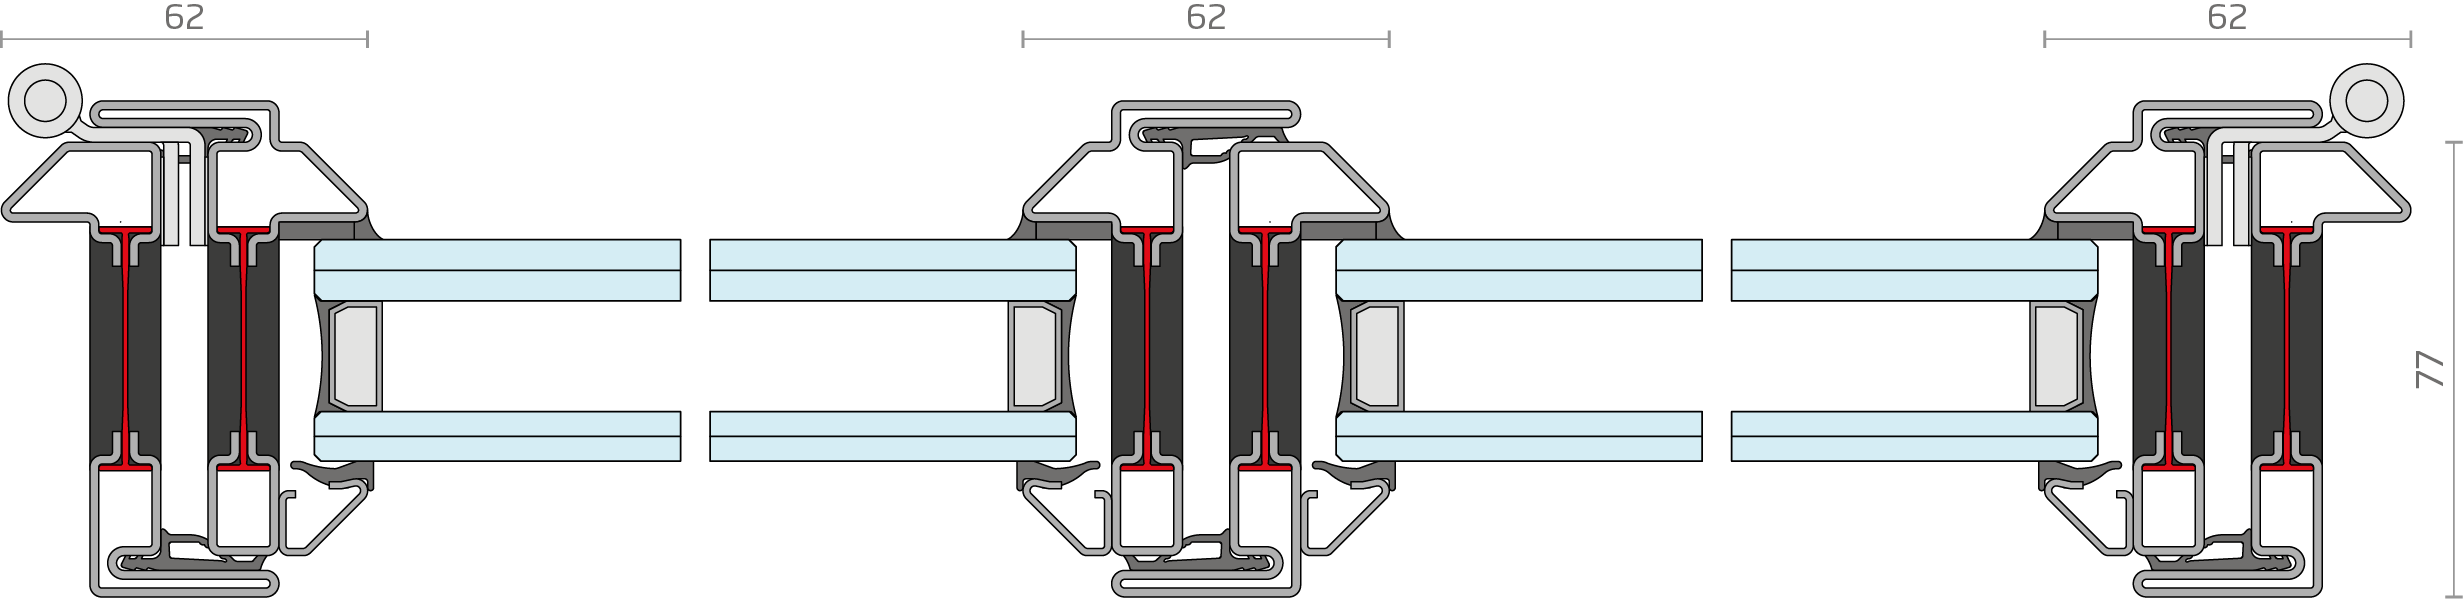 BV 75_F AE h